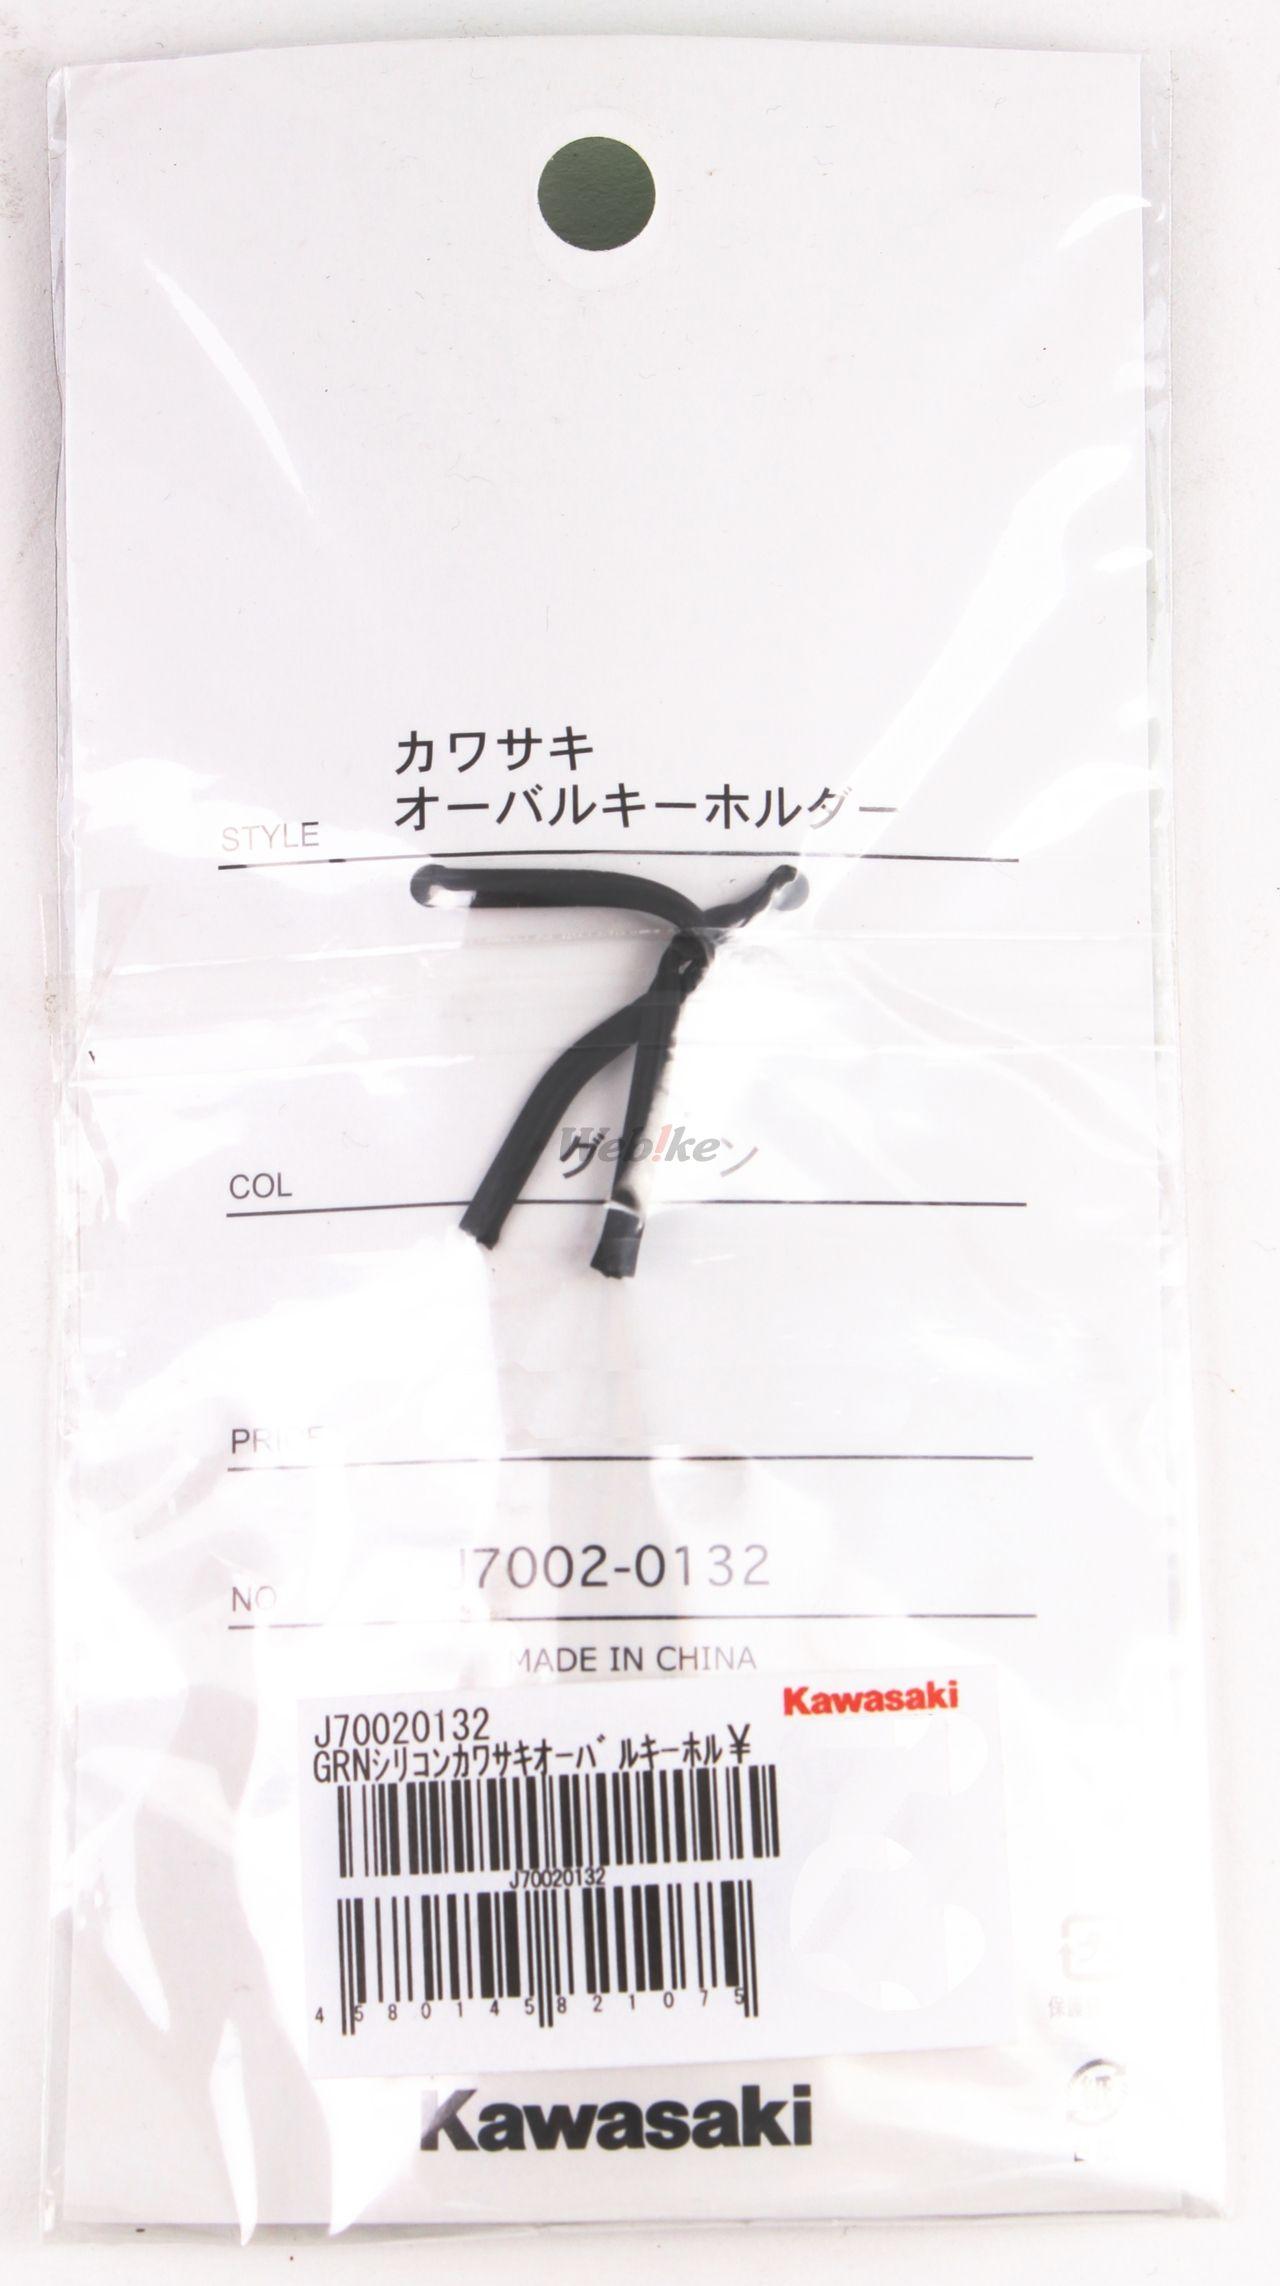 【KAWASAKI】Kawasaki 橢圓鑰匙圈2G - 「Webike-摩托百貨」